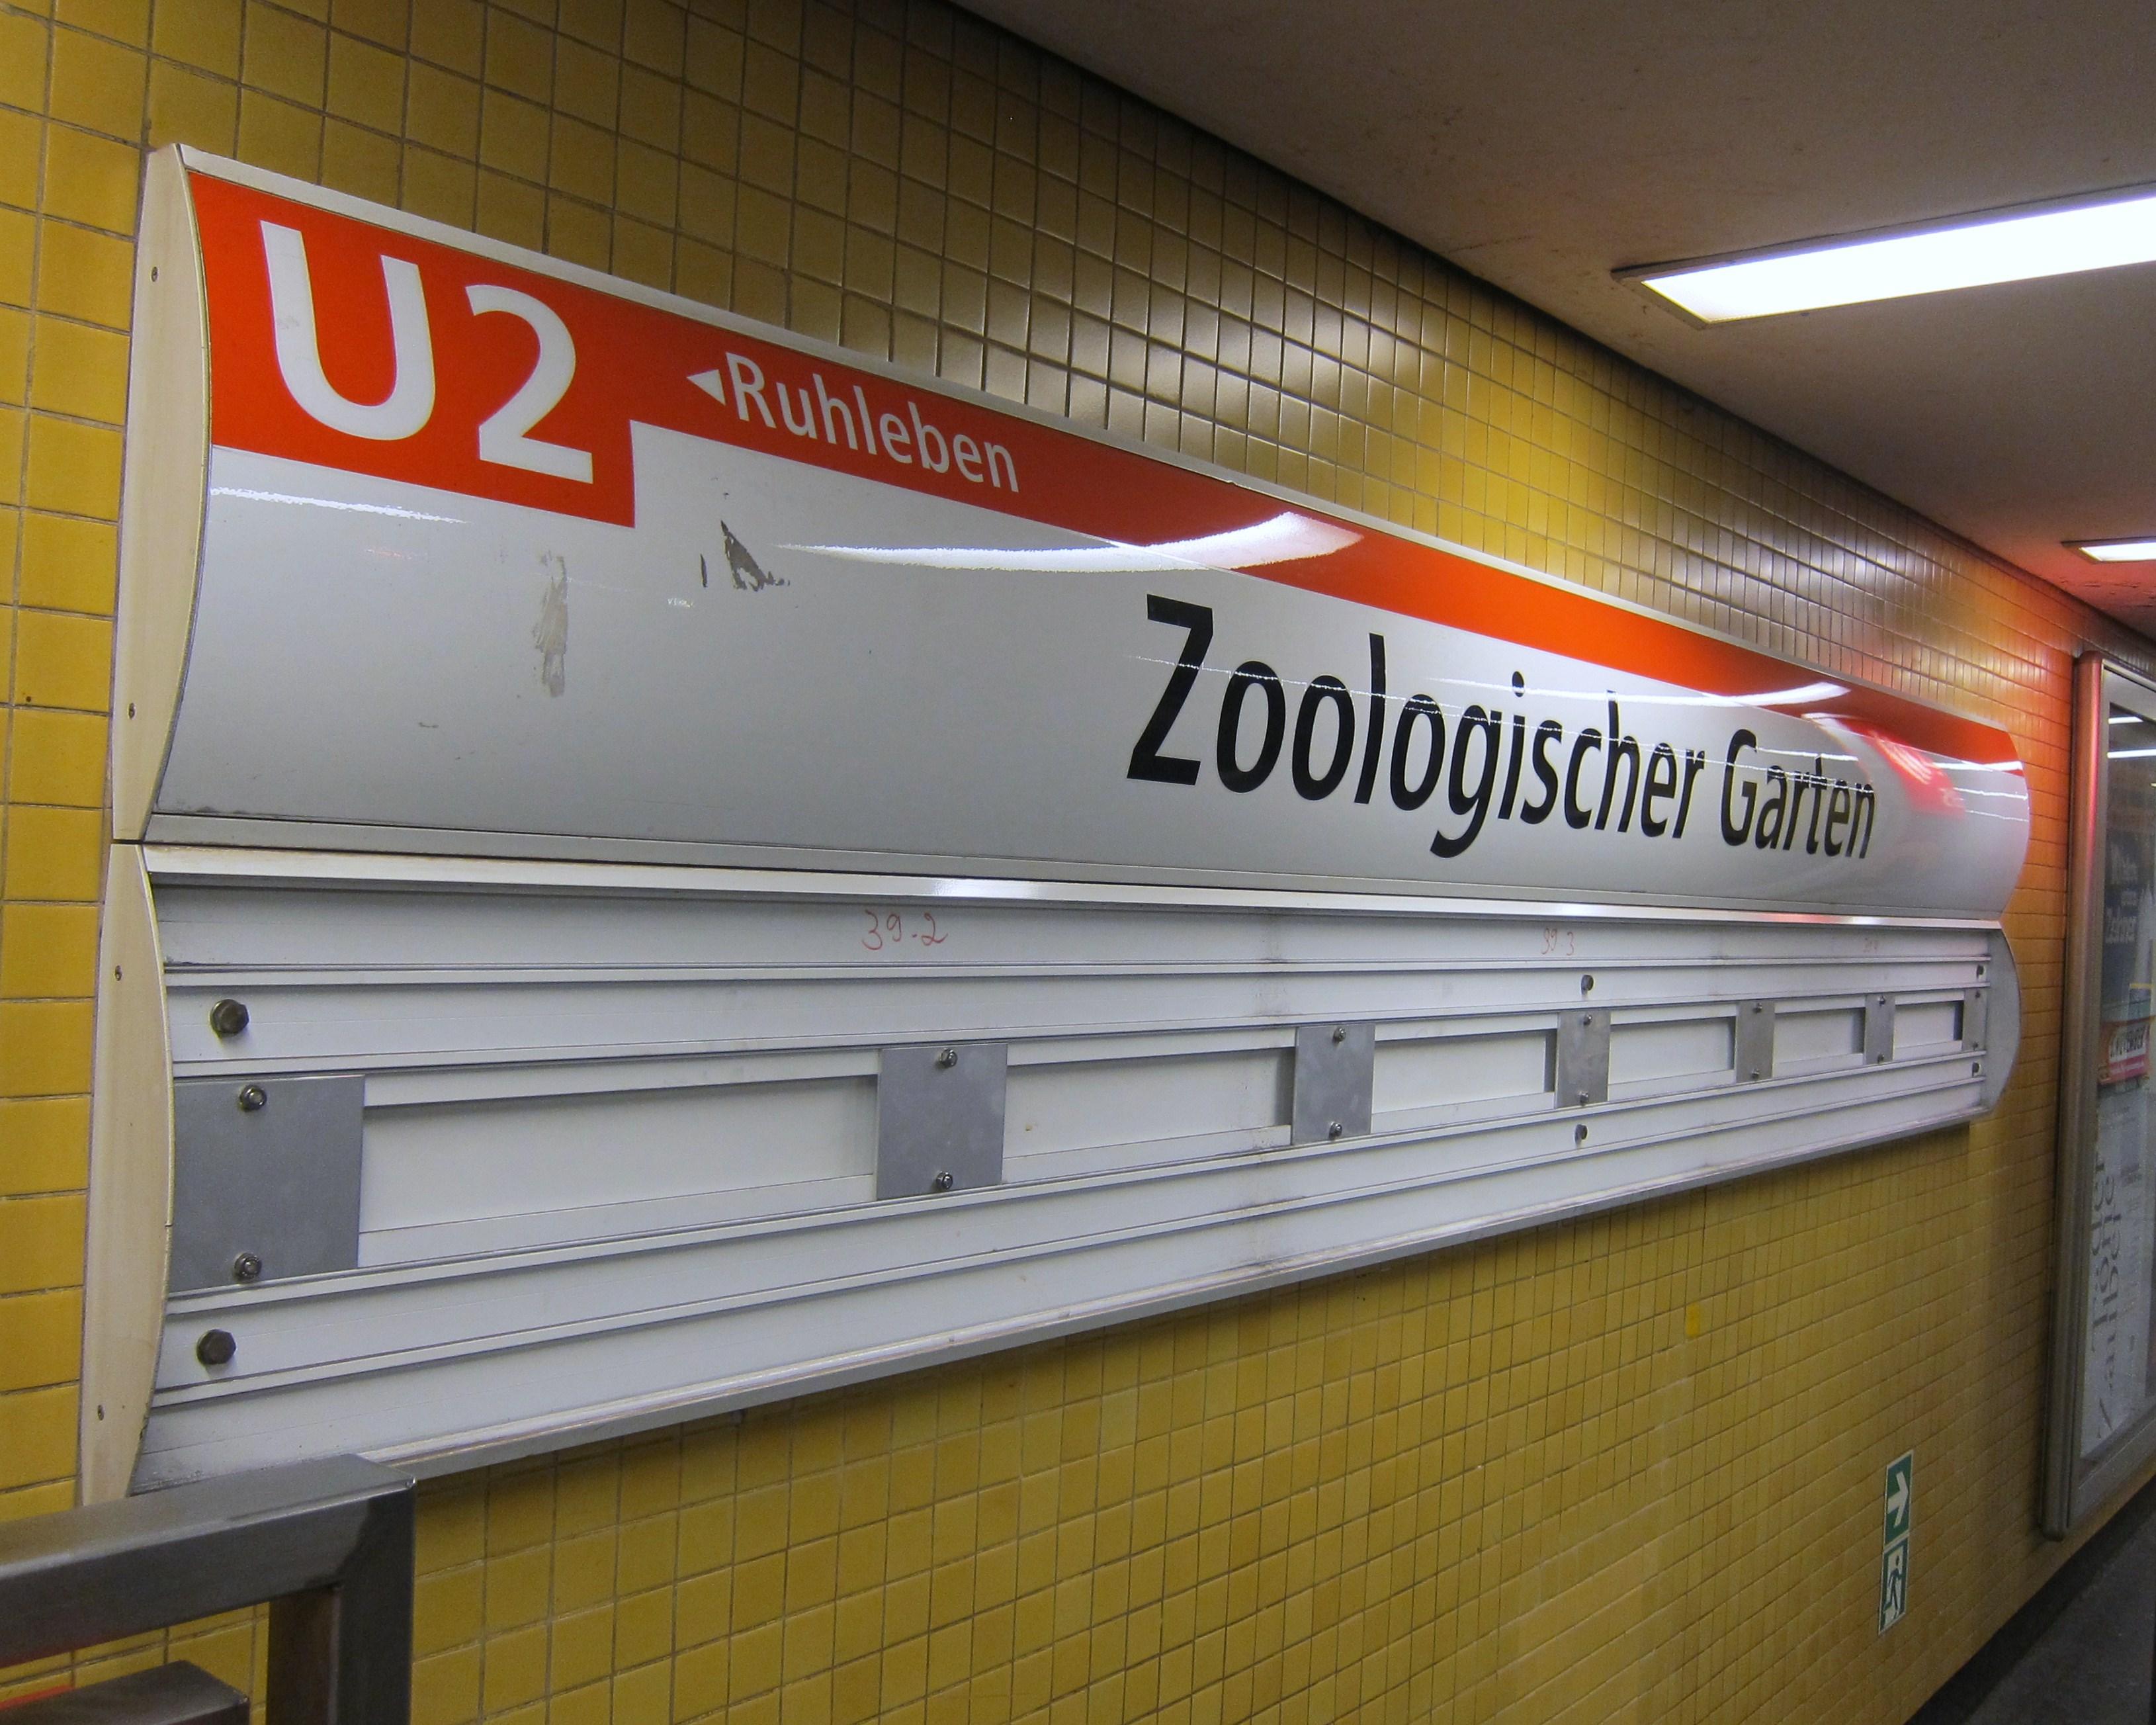 u2-zoo-station